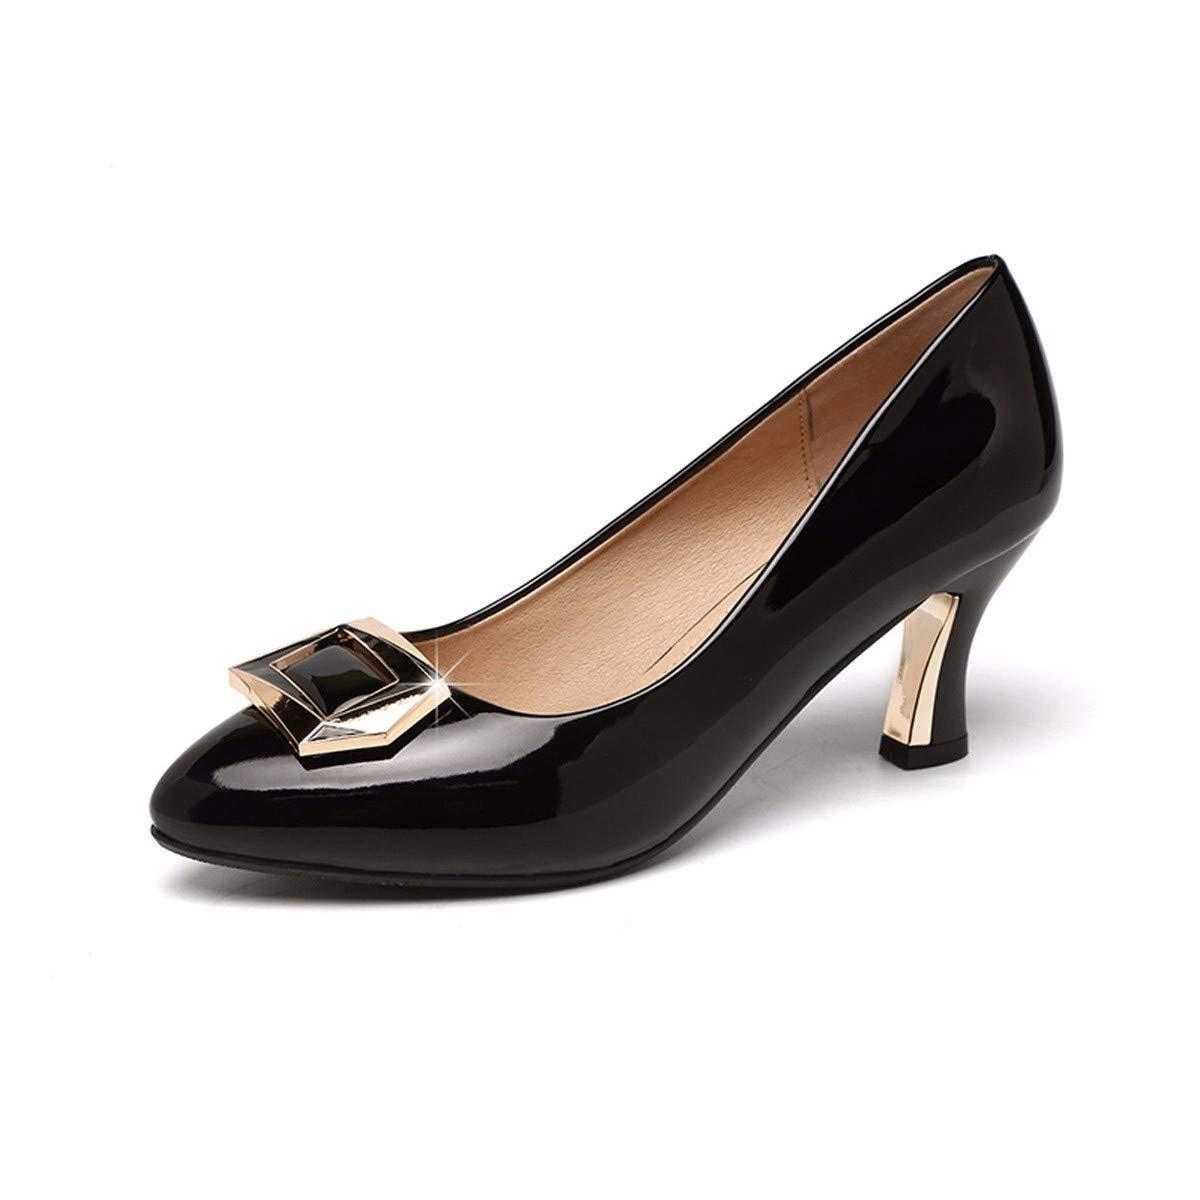 KPHY-Im Herbst der Frauen - Schuhe Sind Sehr Scharf.Sie Sind Mitte Betuchte Einzelne Schuhe Weiblich Diamond Leder High Heels und 6 cm Schuhe.